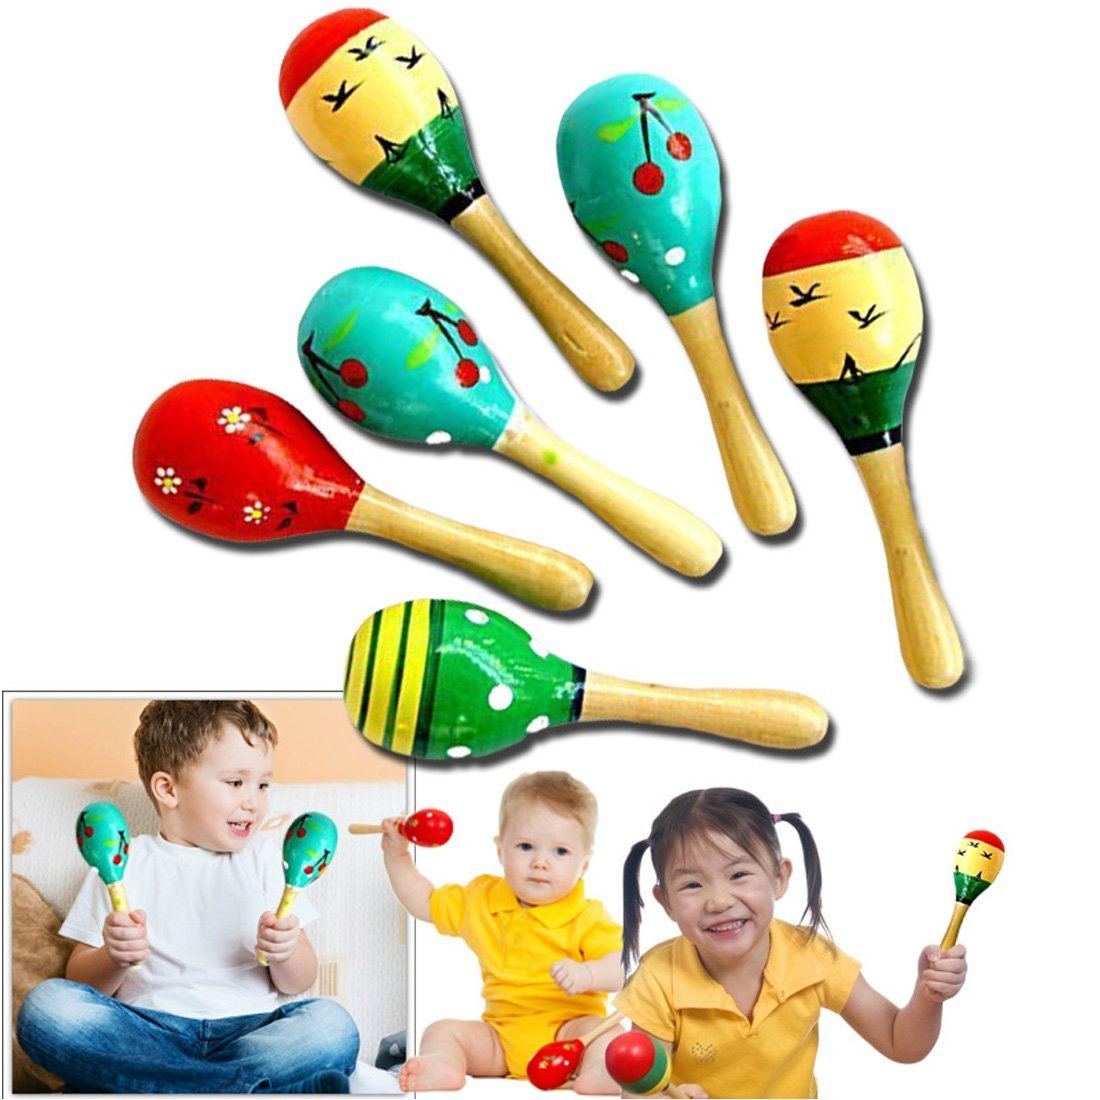 Maracas, Mini Maracas, Hochets Maracas, Jouets musicaux en bois pour les enfants bébé (couleur aléatoire) Jouets musicaux en bois pour les enfants bébé (couleur aléatoire) Isuper